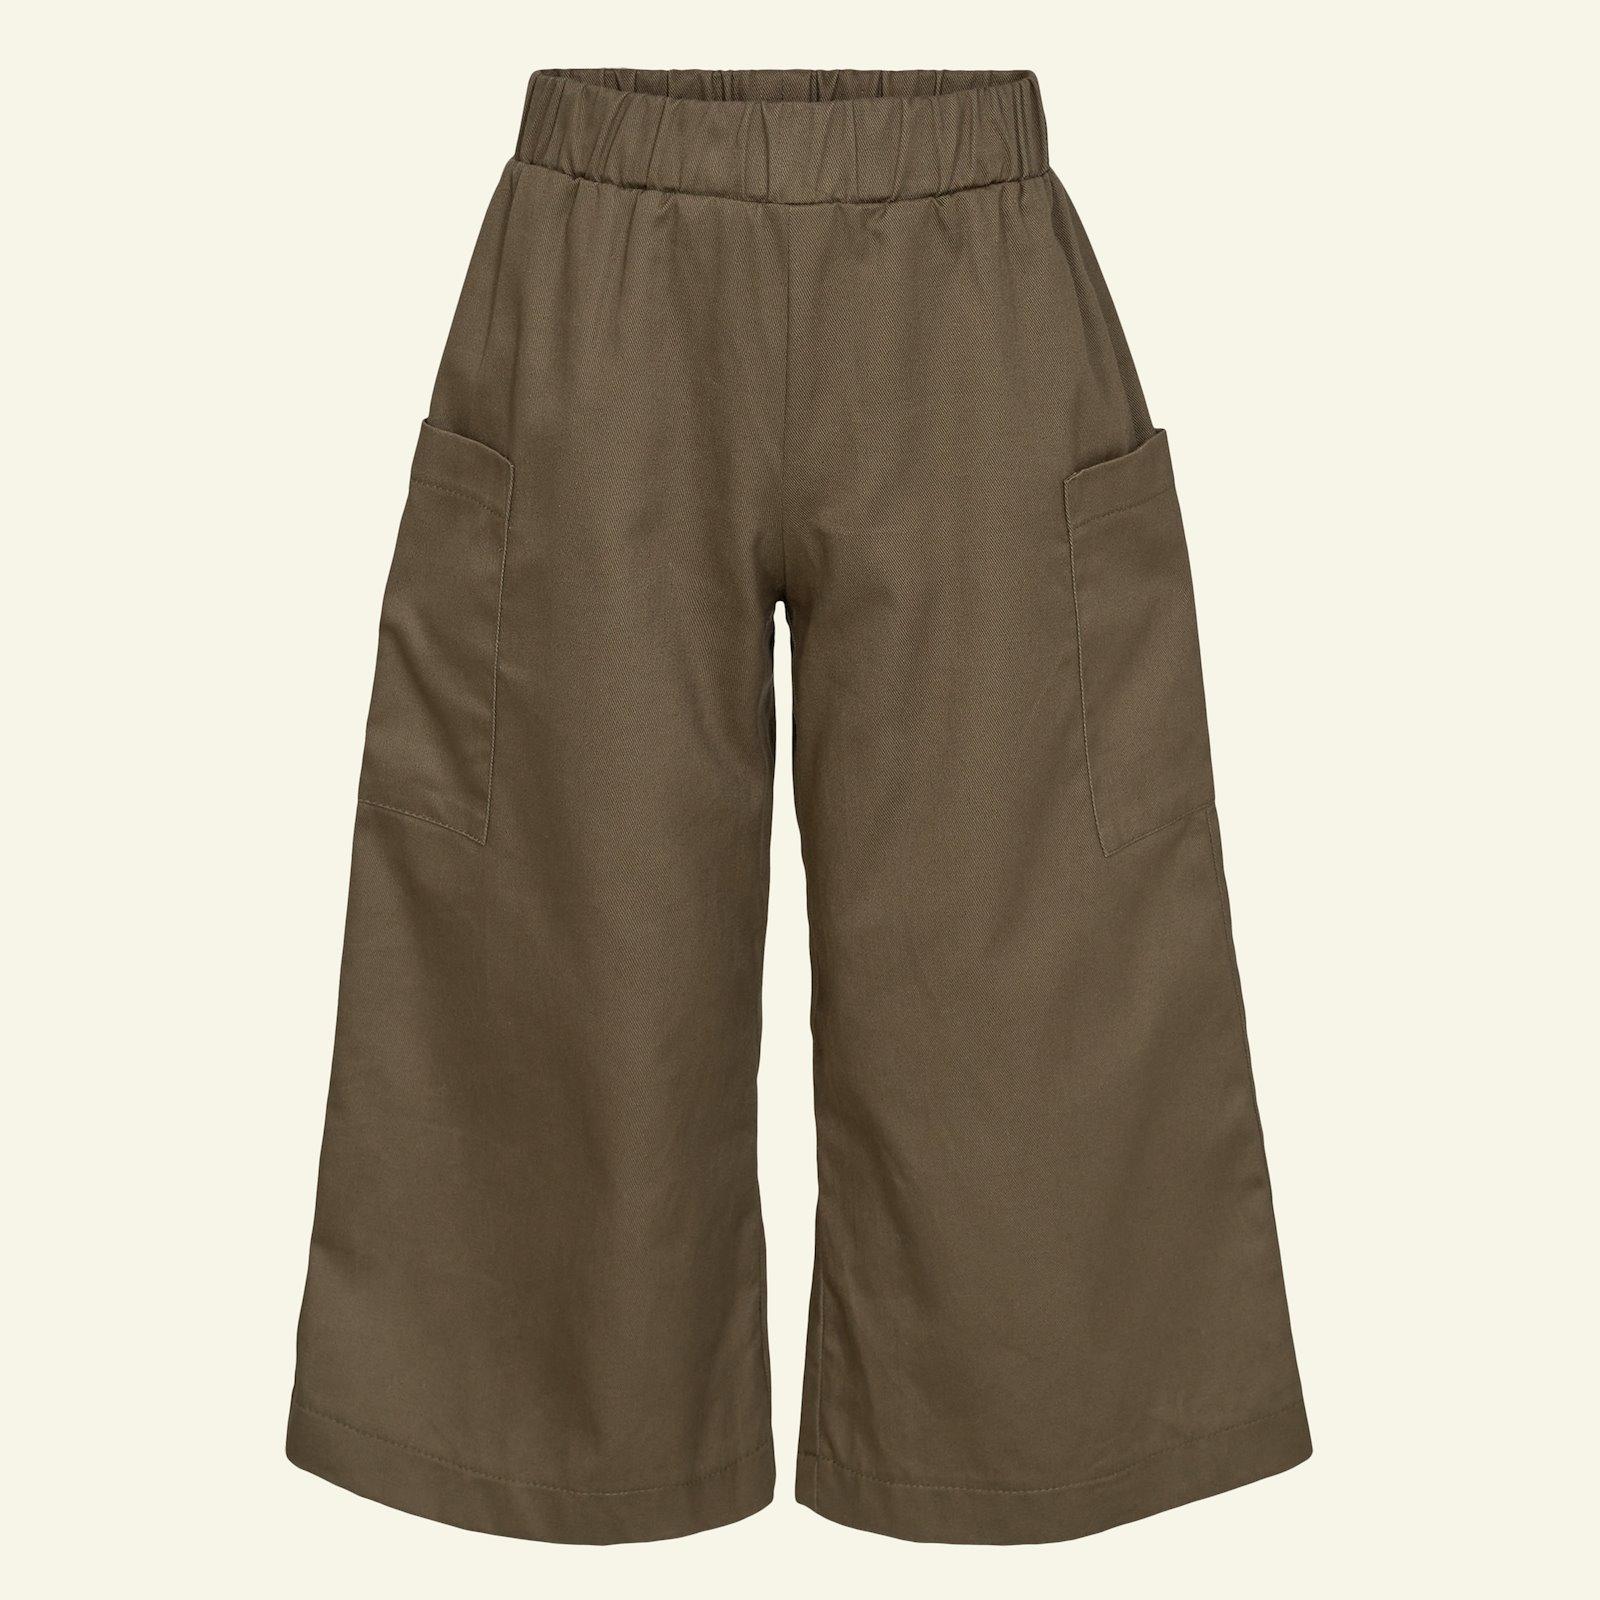 Weite Hose mit hoher Taille p60039_420174_sskit